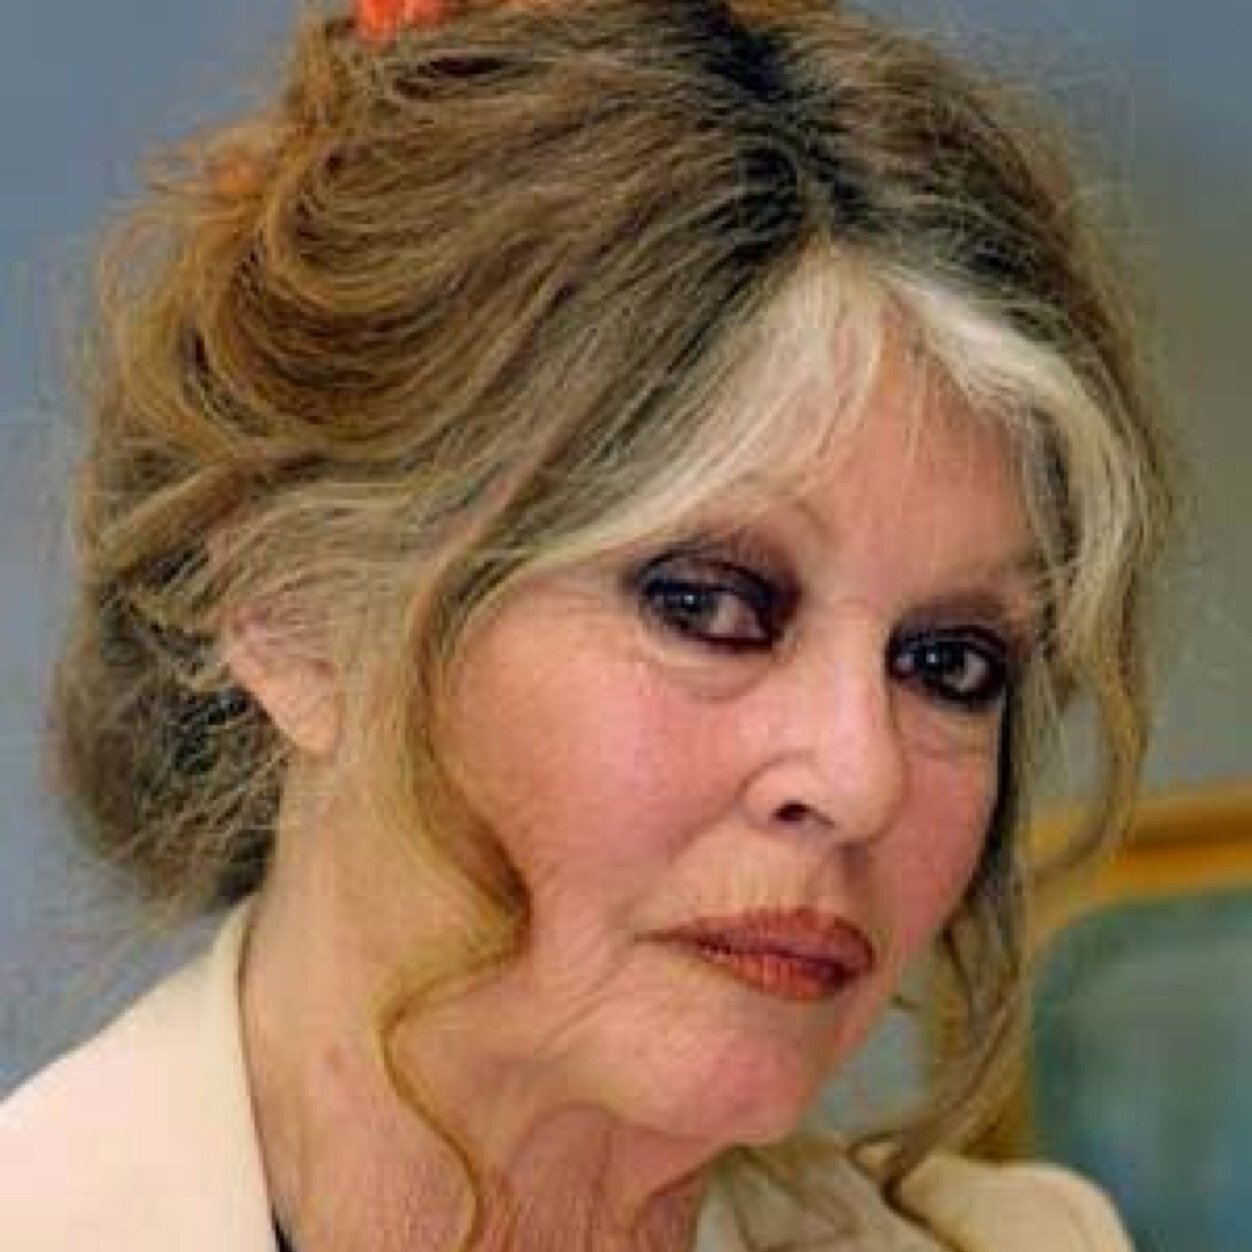 Brigitte Bardot Attrici Civette Per Avere Una Parte